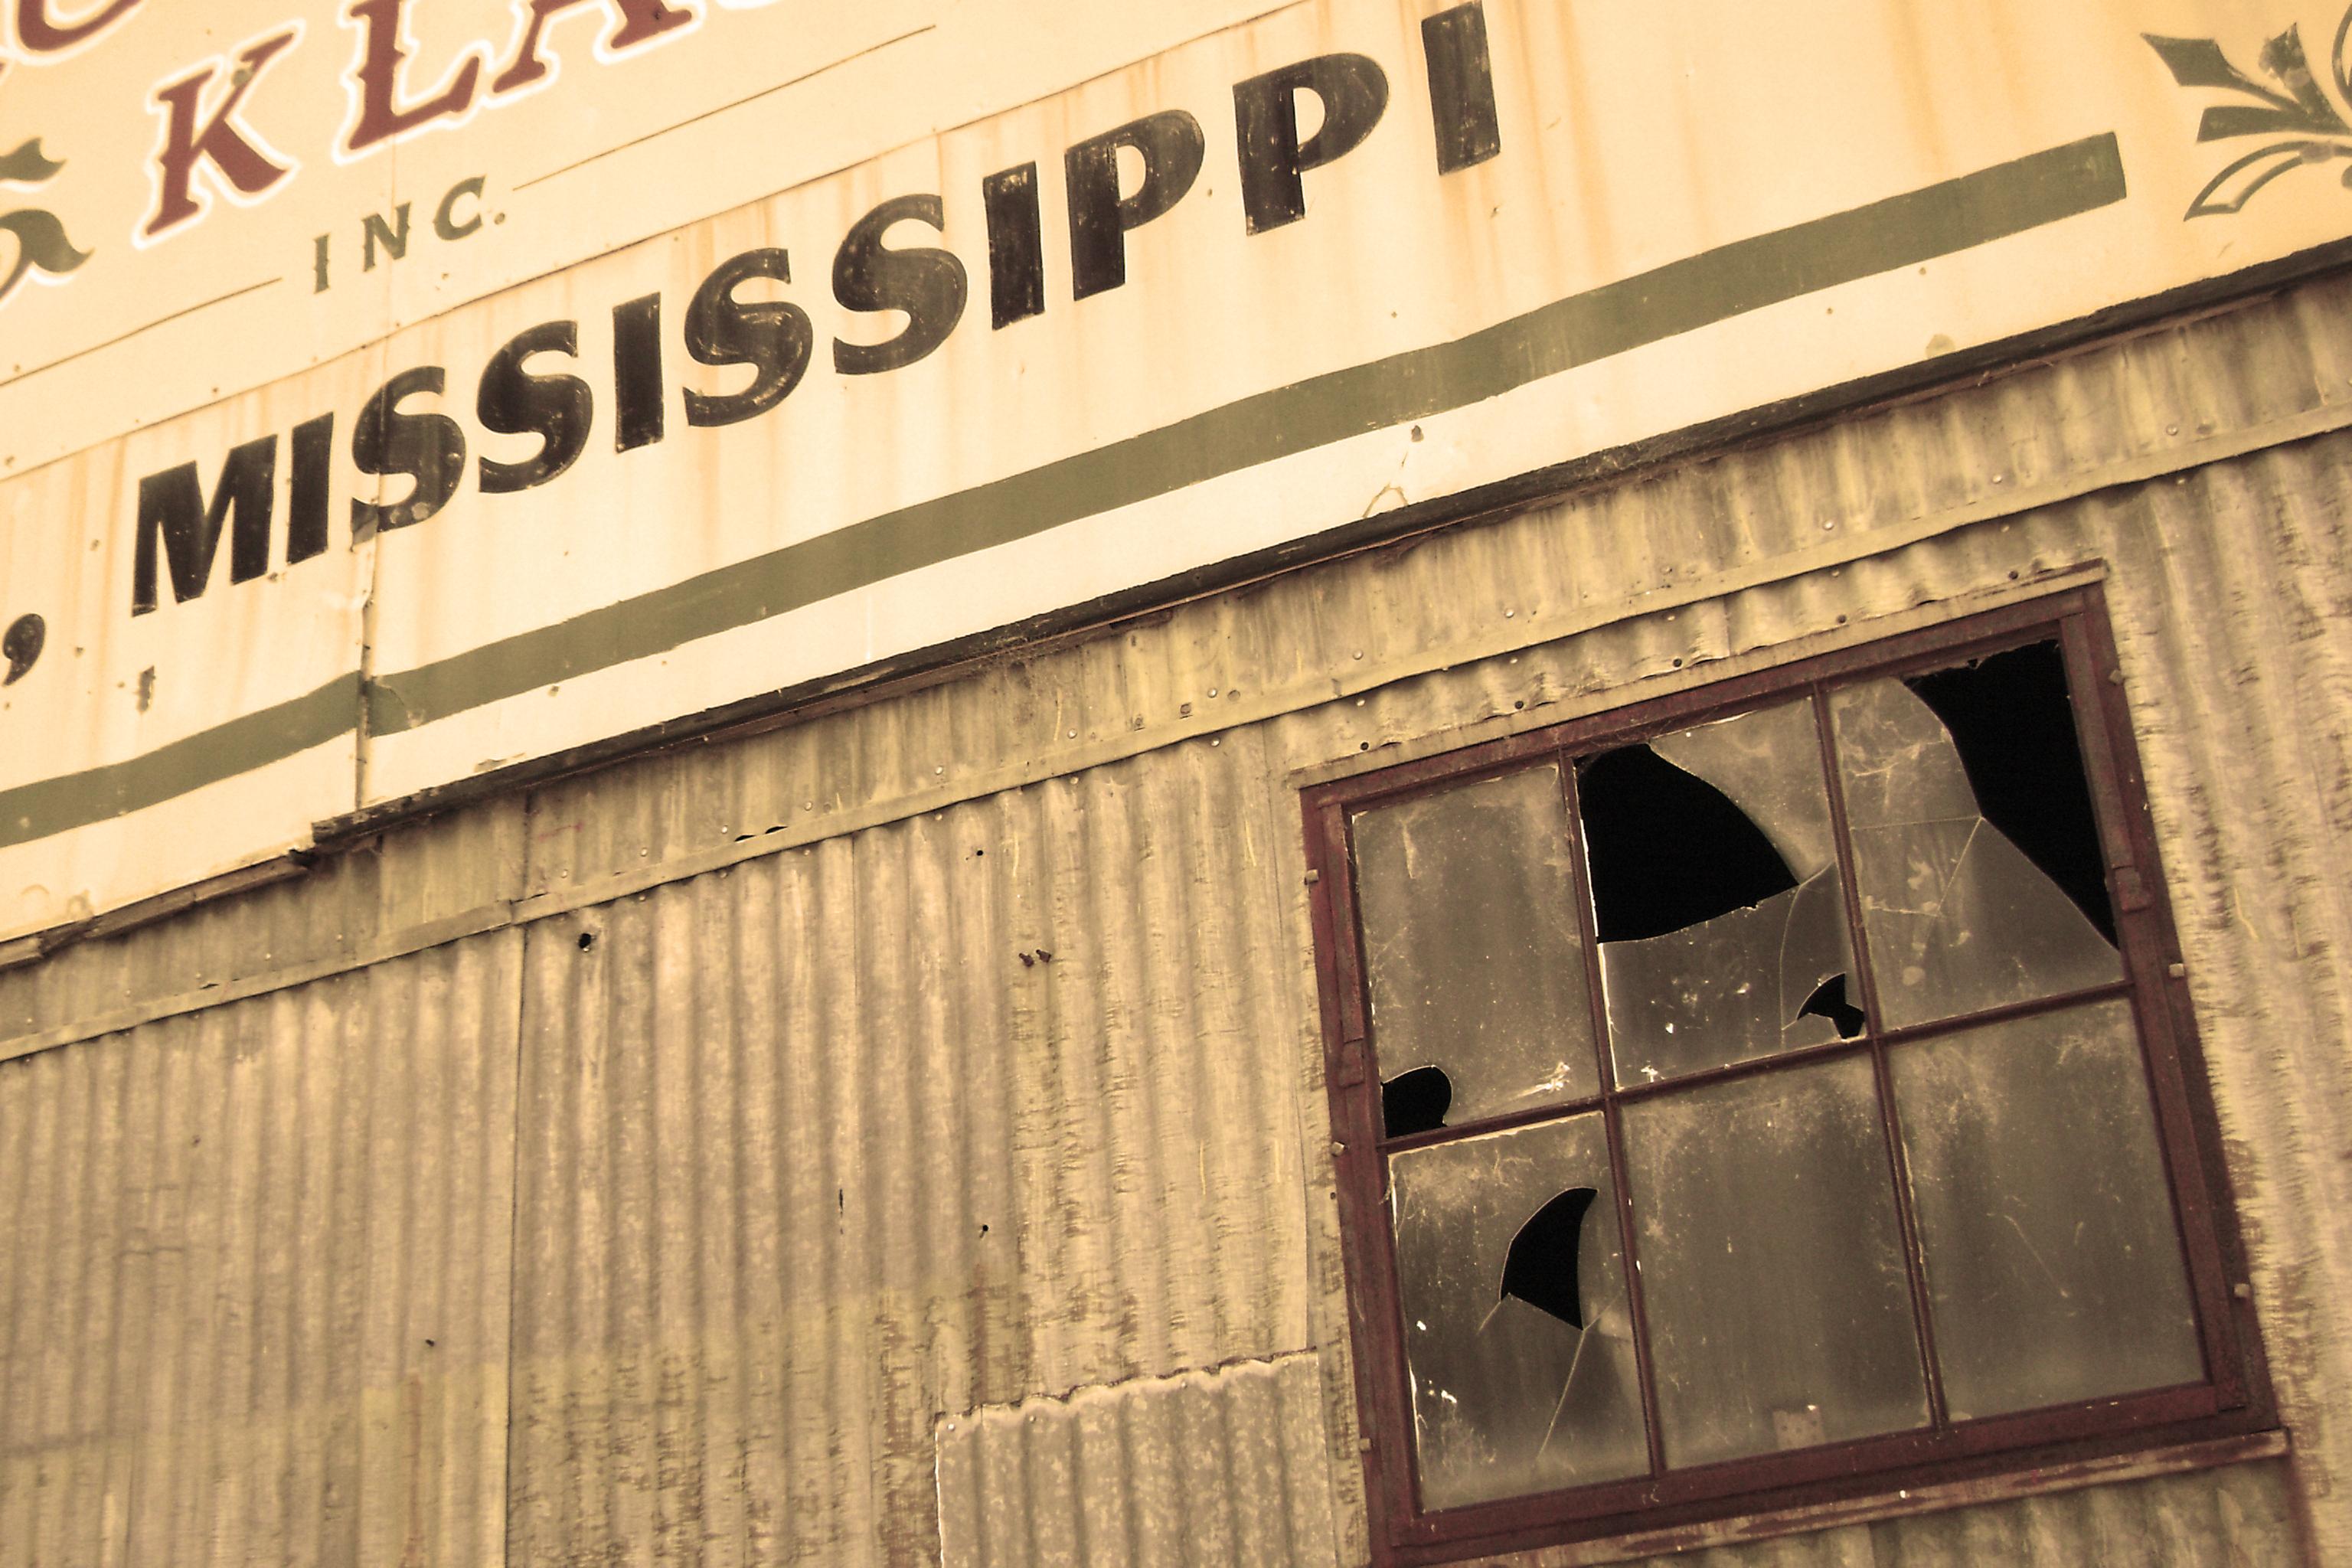 Tensar Intl. G&O Supply Co. Inc. Partnership Mississippi